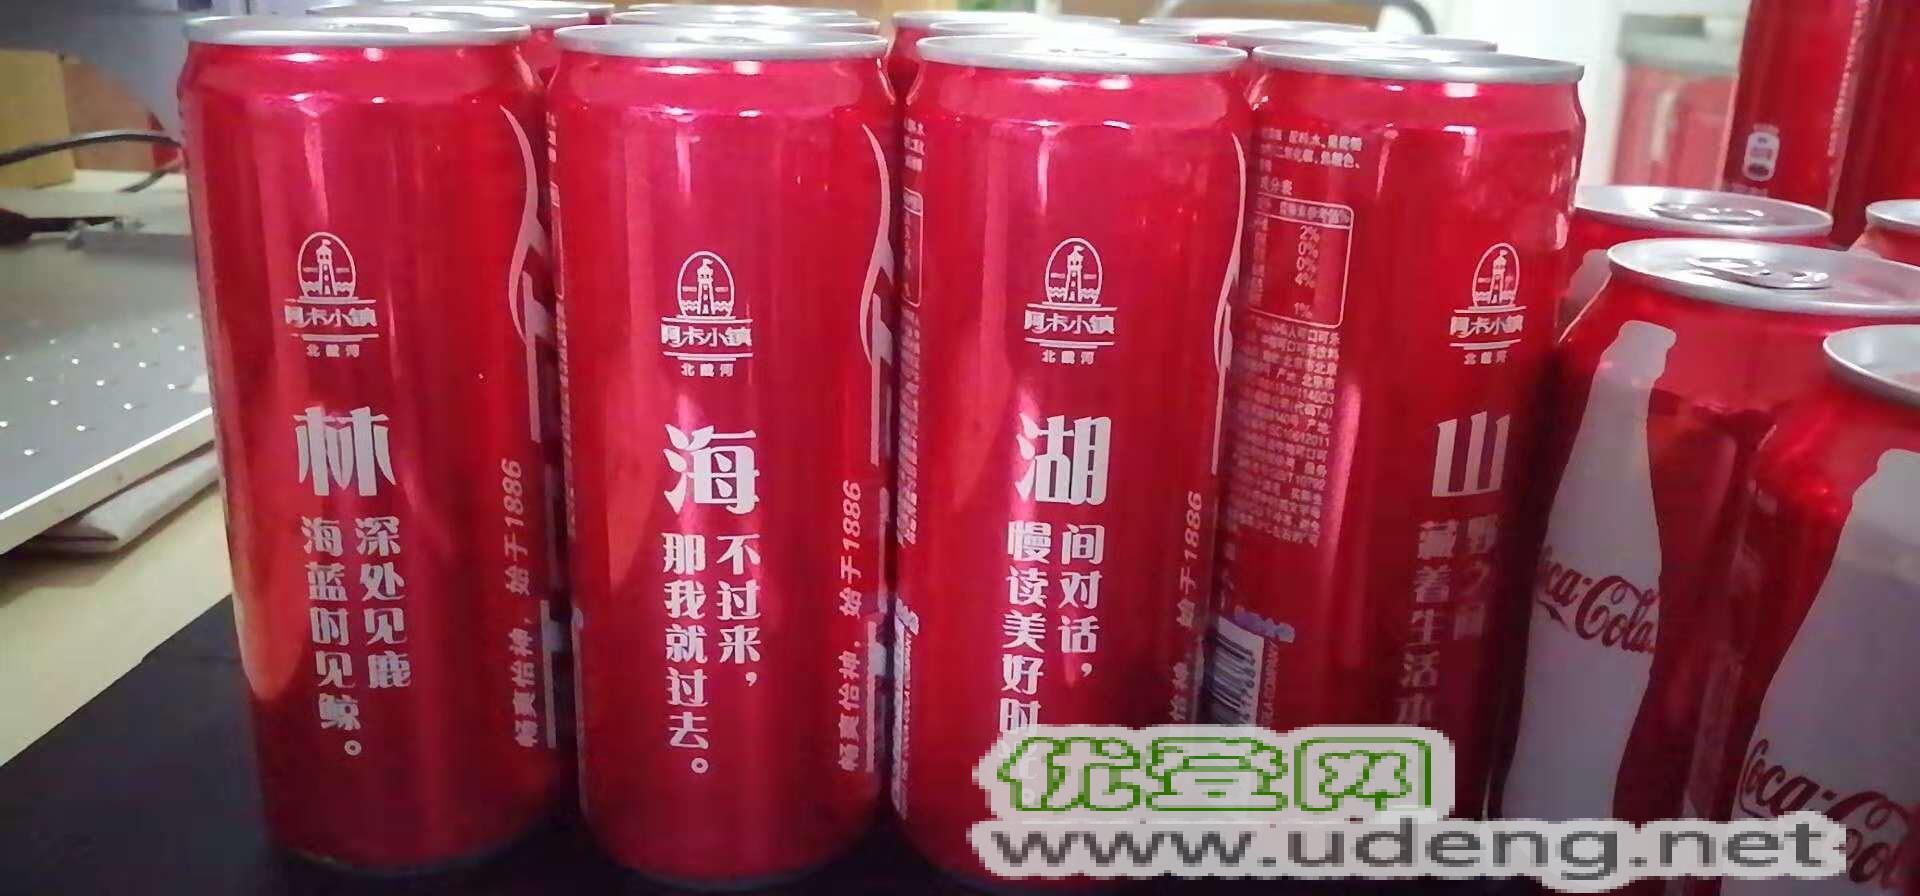 可乐罐现场刻字 北京可乐罐现场刻字 承接全国现场刻字